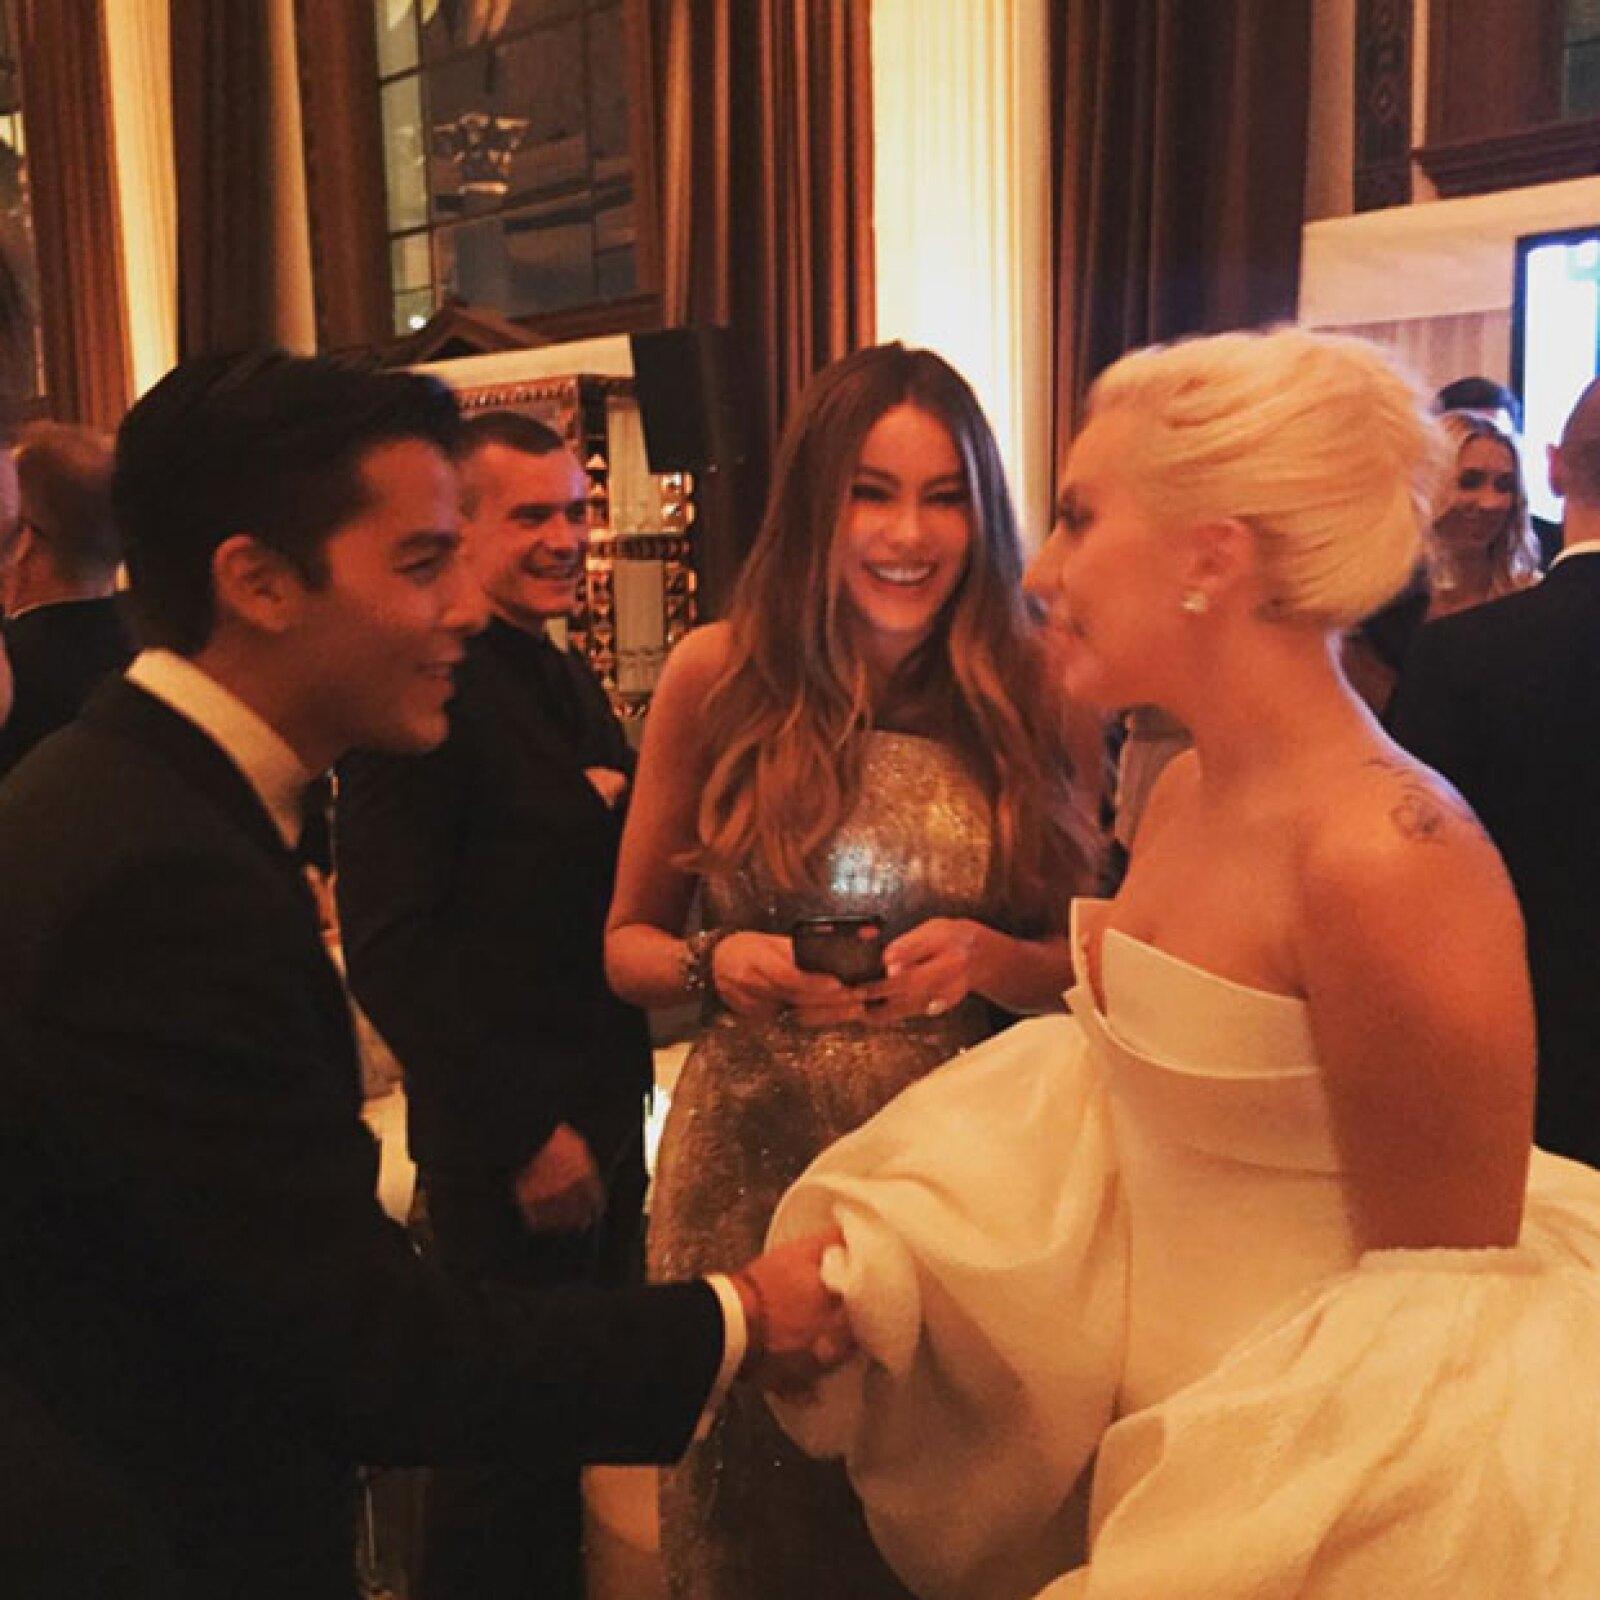 Manolo, el hijo de Sofía Vergara, no se podía quedar con las ganas de conocer a Lady Gaga.